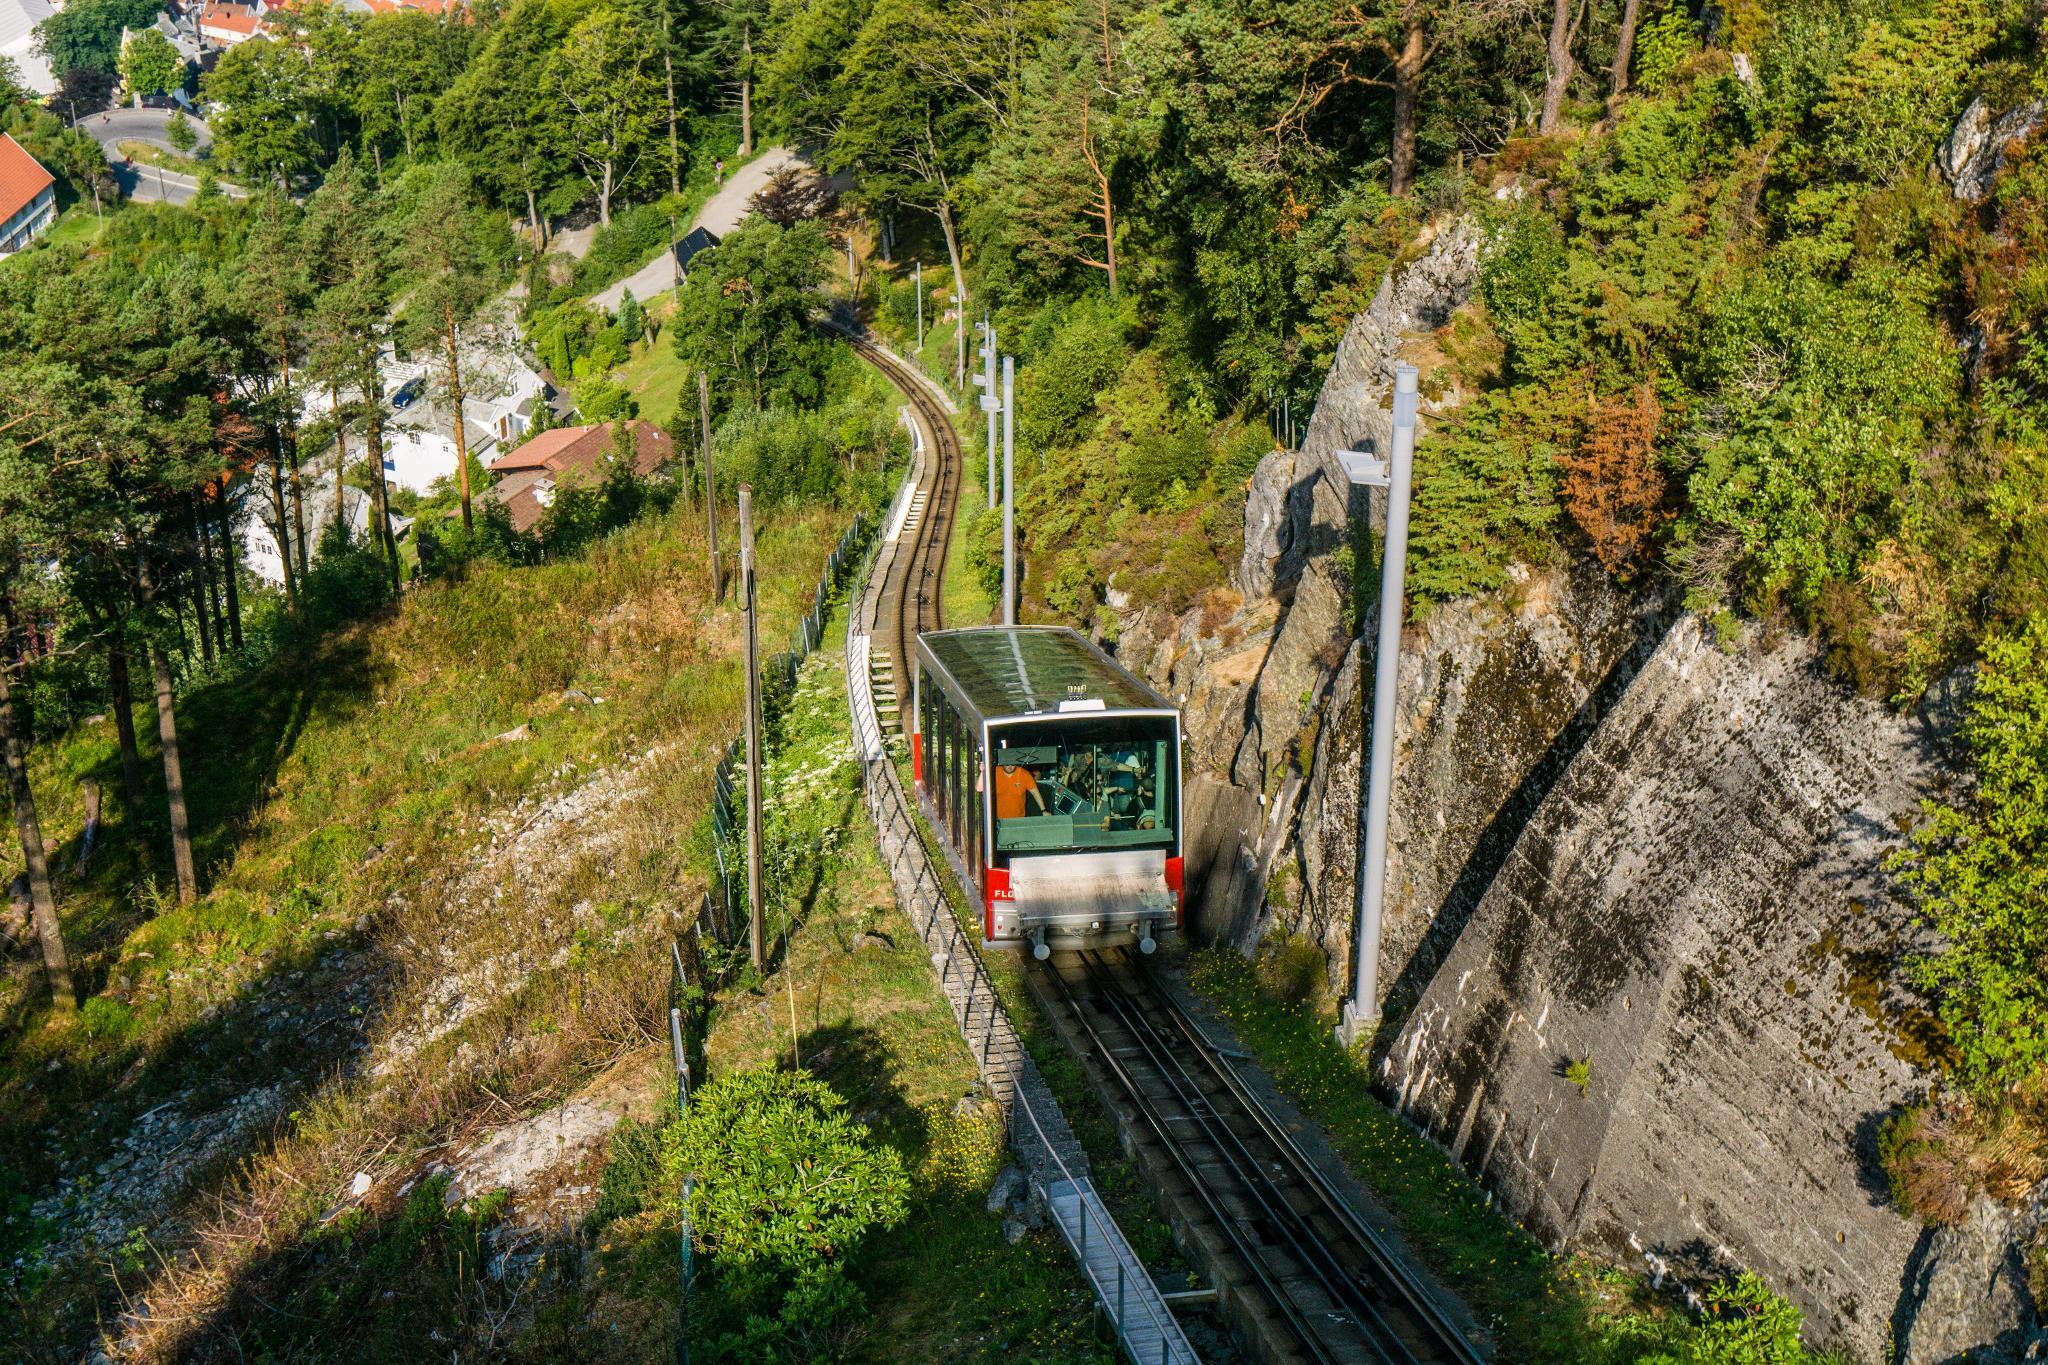 【卑爾根】超級震撼的隱藏版挪威景點 — Stoltzekleiven桑德維克斯石梯與Fløyen佛洛伊恩觀景台大縱走 31